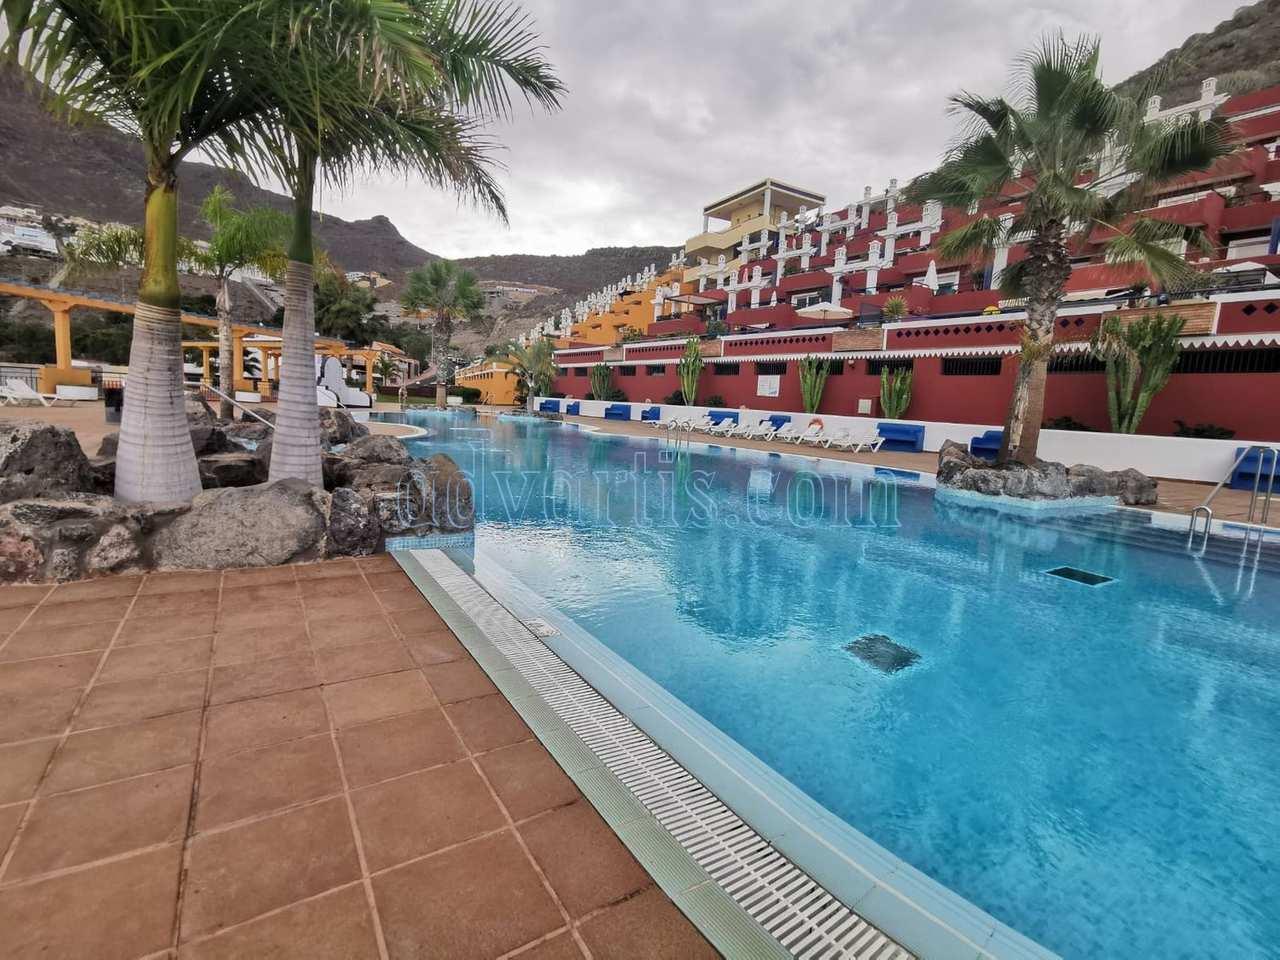 2 bedroom apartment for sale in Torviscas, Costa Adeje, Tenerife €199.900